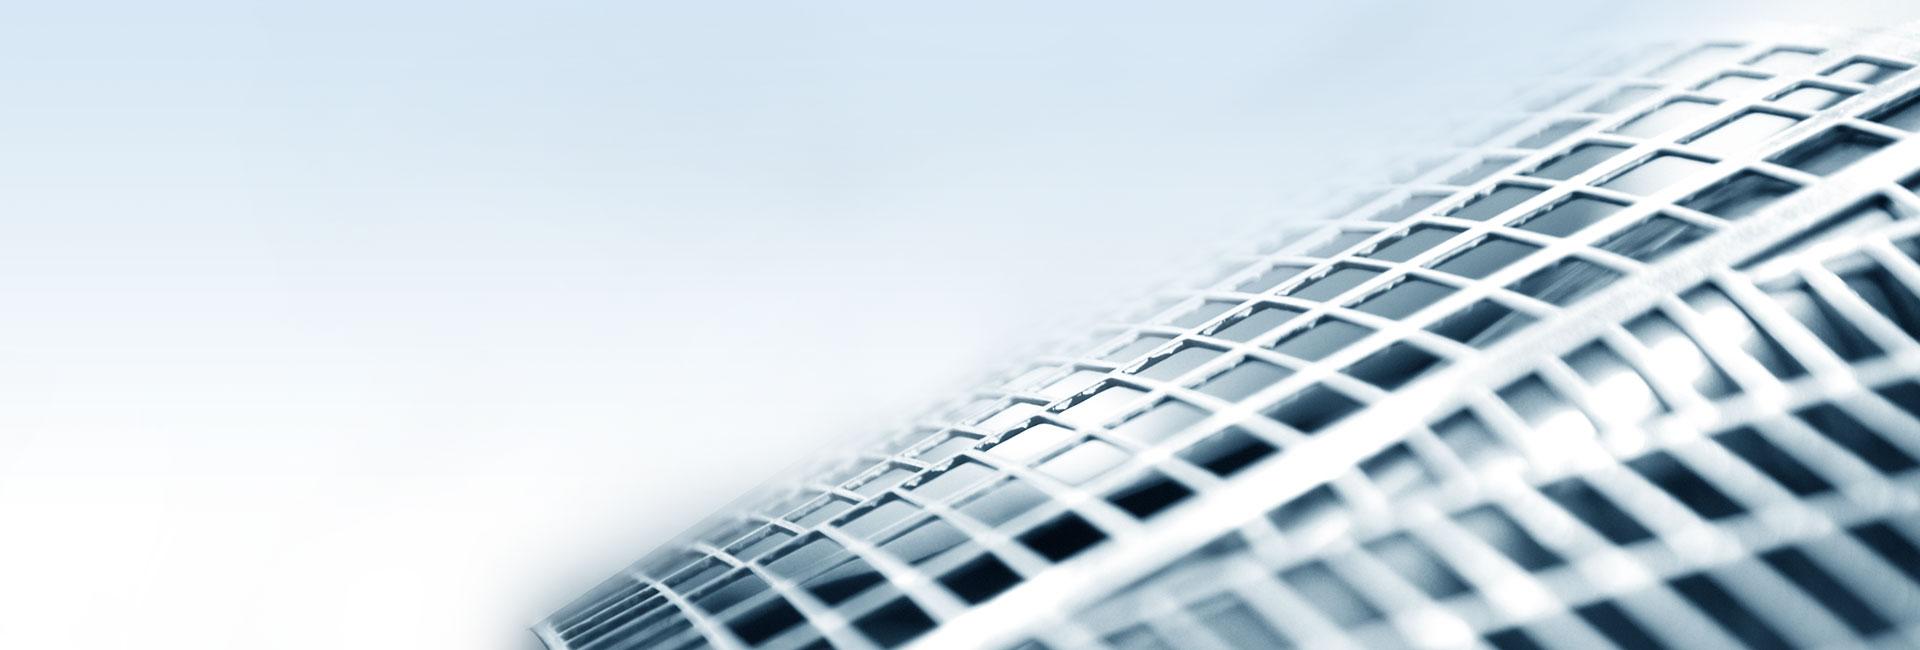 La tecnologia della griglia positiva PowerFrame è costante e innovativa.